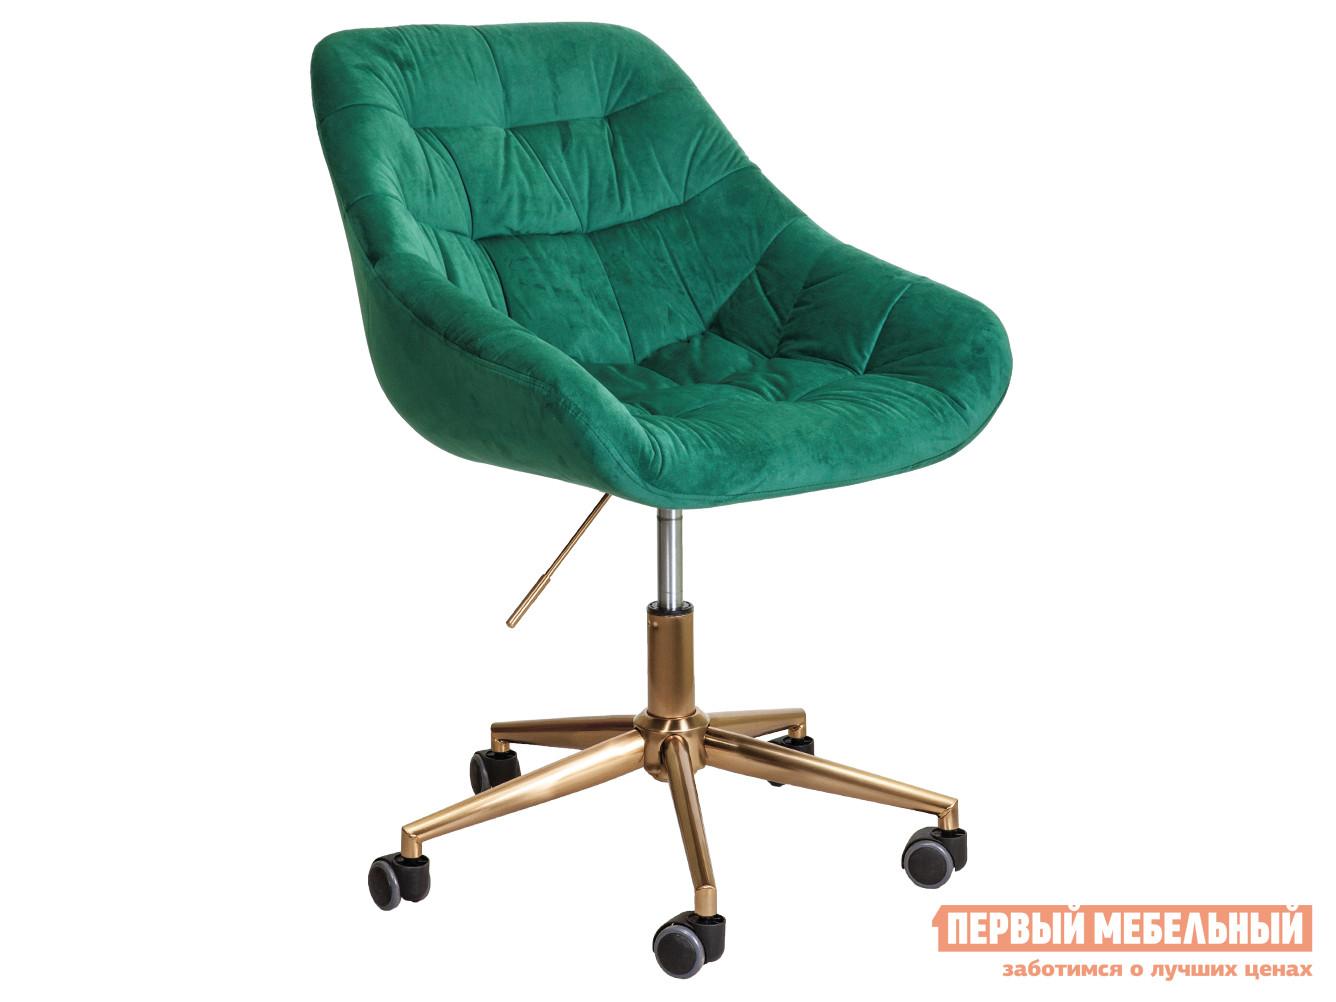 Офисное кресло  BALI Зеленый, велюр Базистрейд 118217